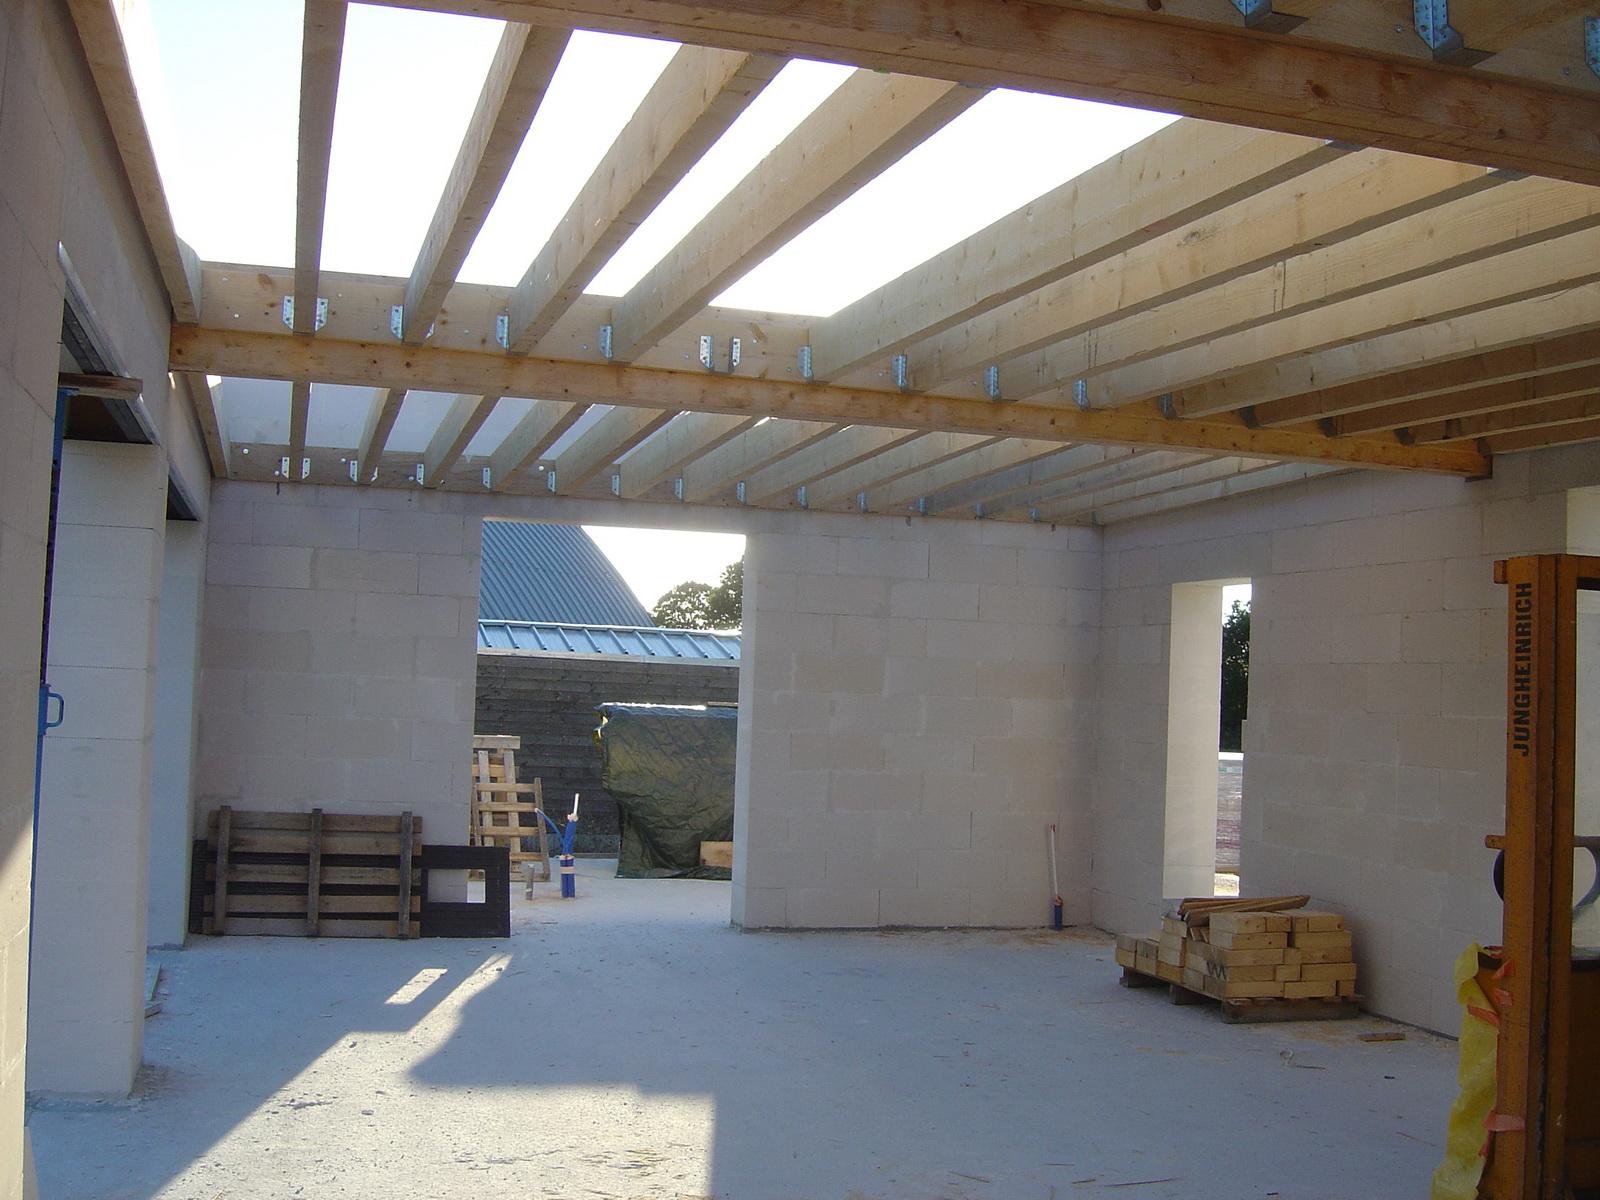 La mob cellulaire le beton cellulaire - Construction beton cellulaire ...